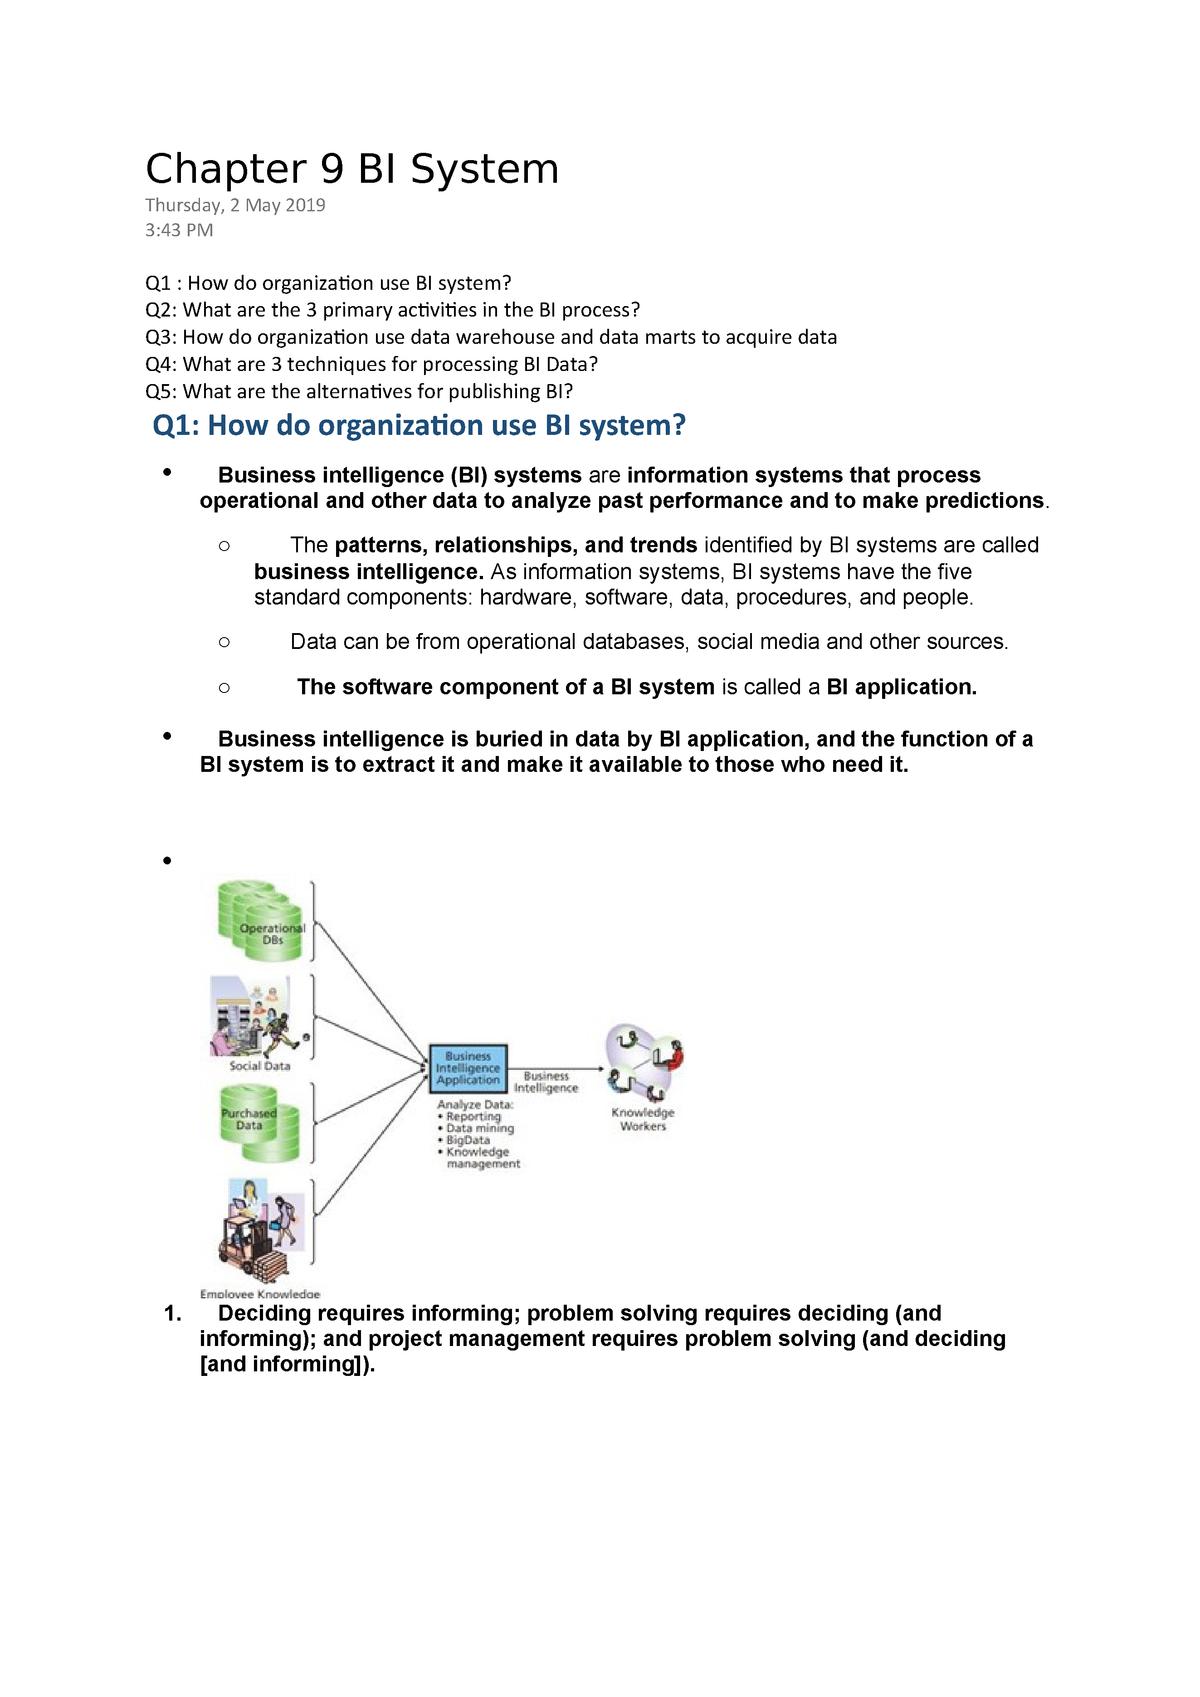 Chapter 9 BI System - INFS 1602 - StuDocu